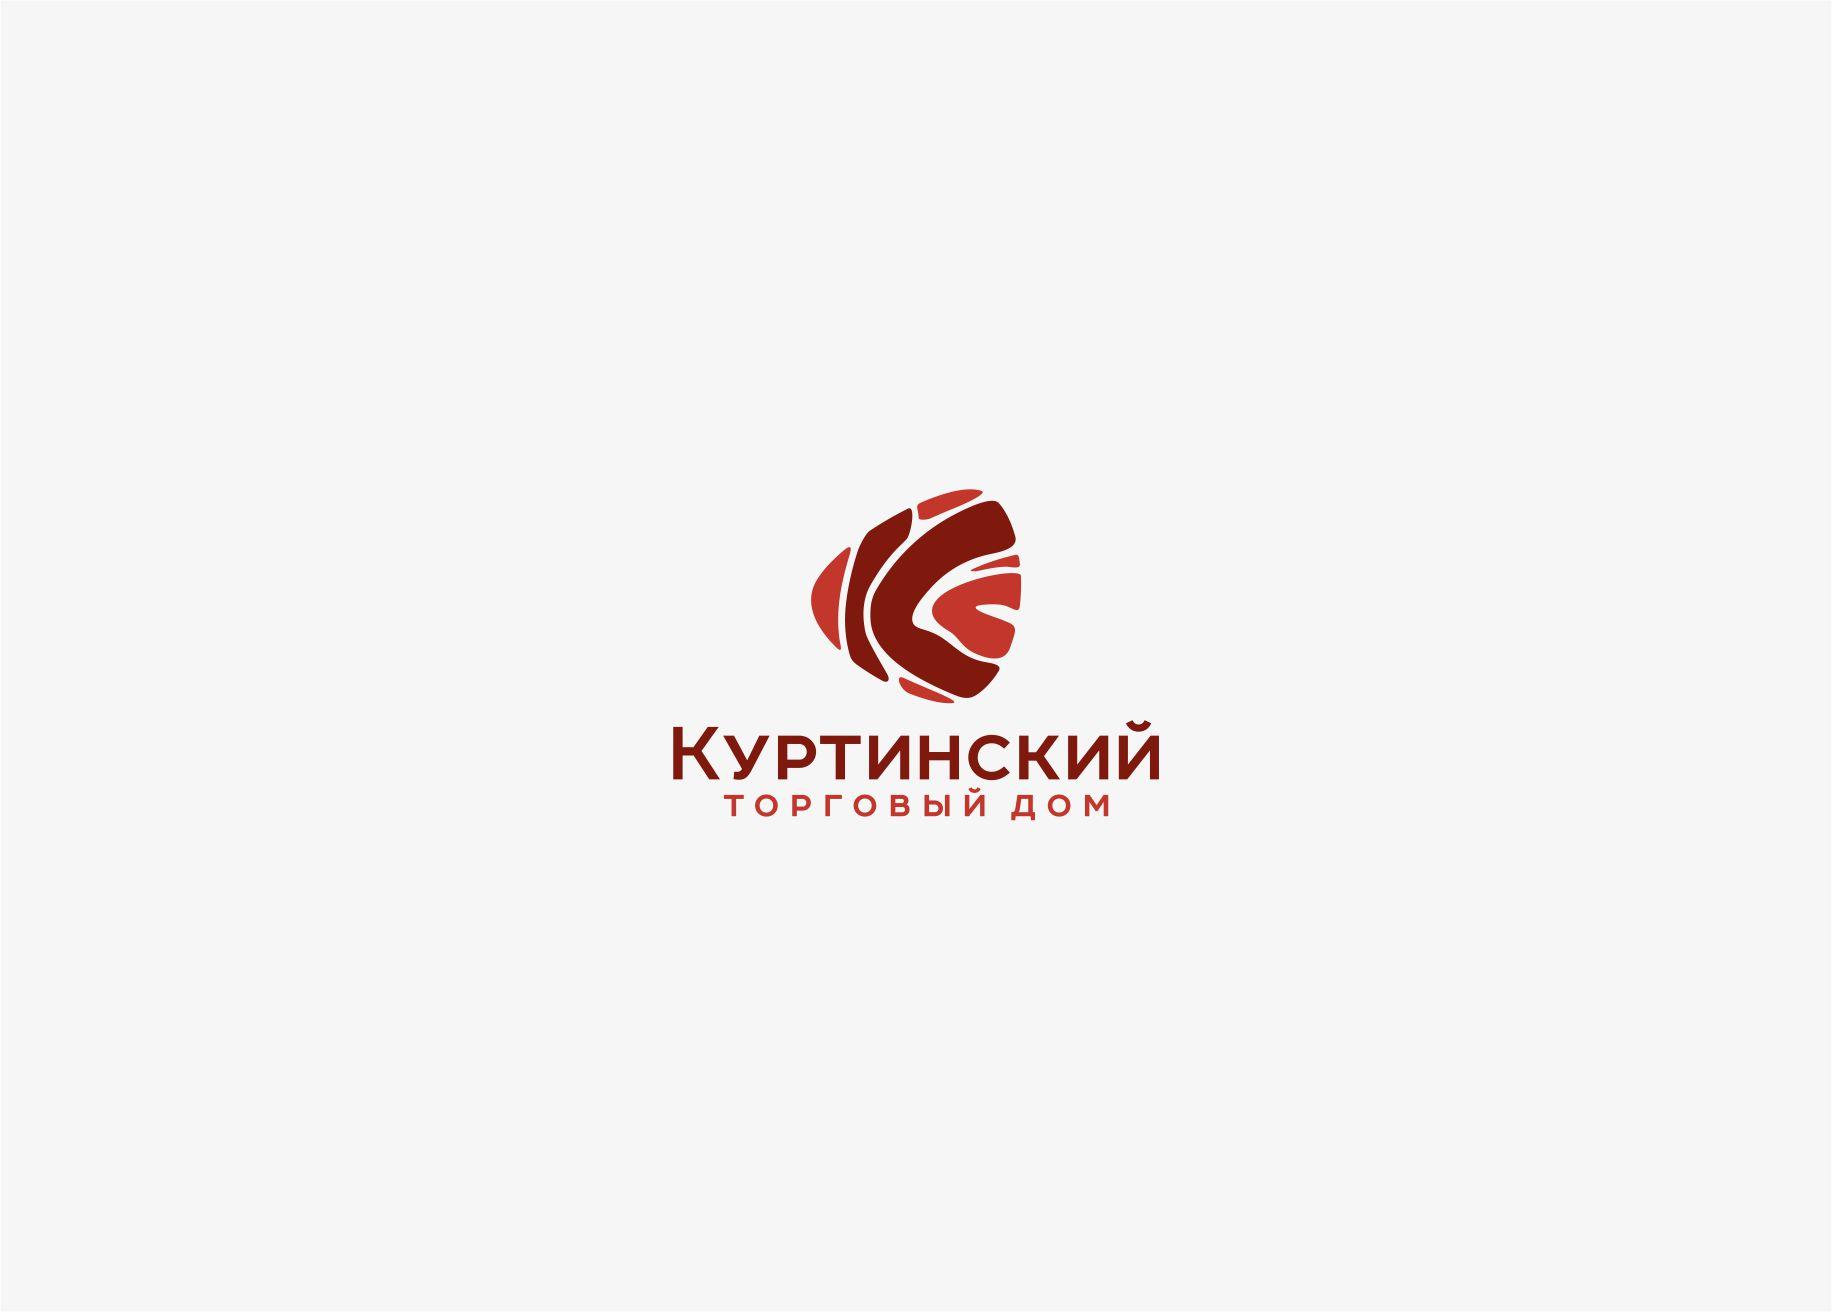 Логотип для камнедобывающей компании фото f_0585b98efb166cec.jpg